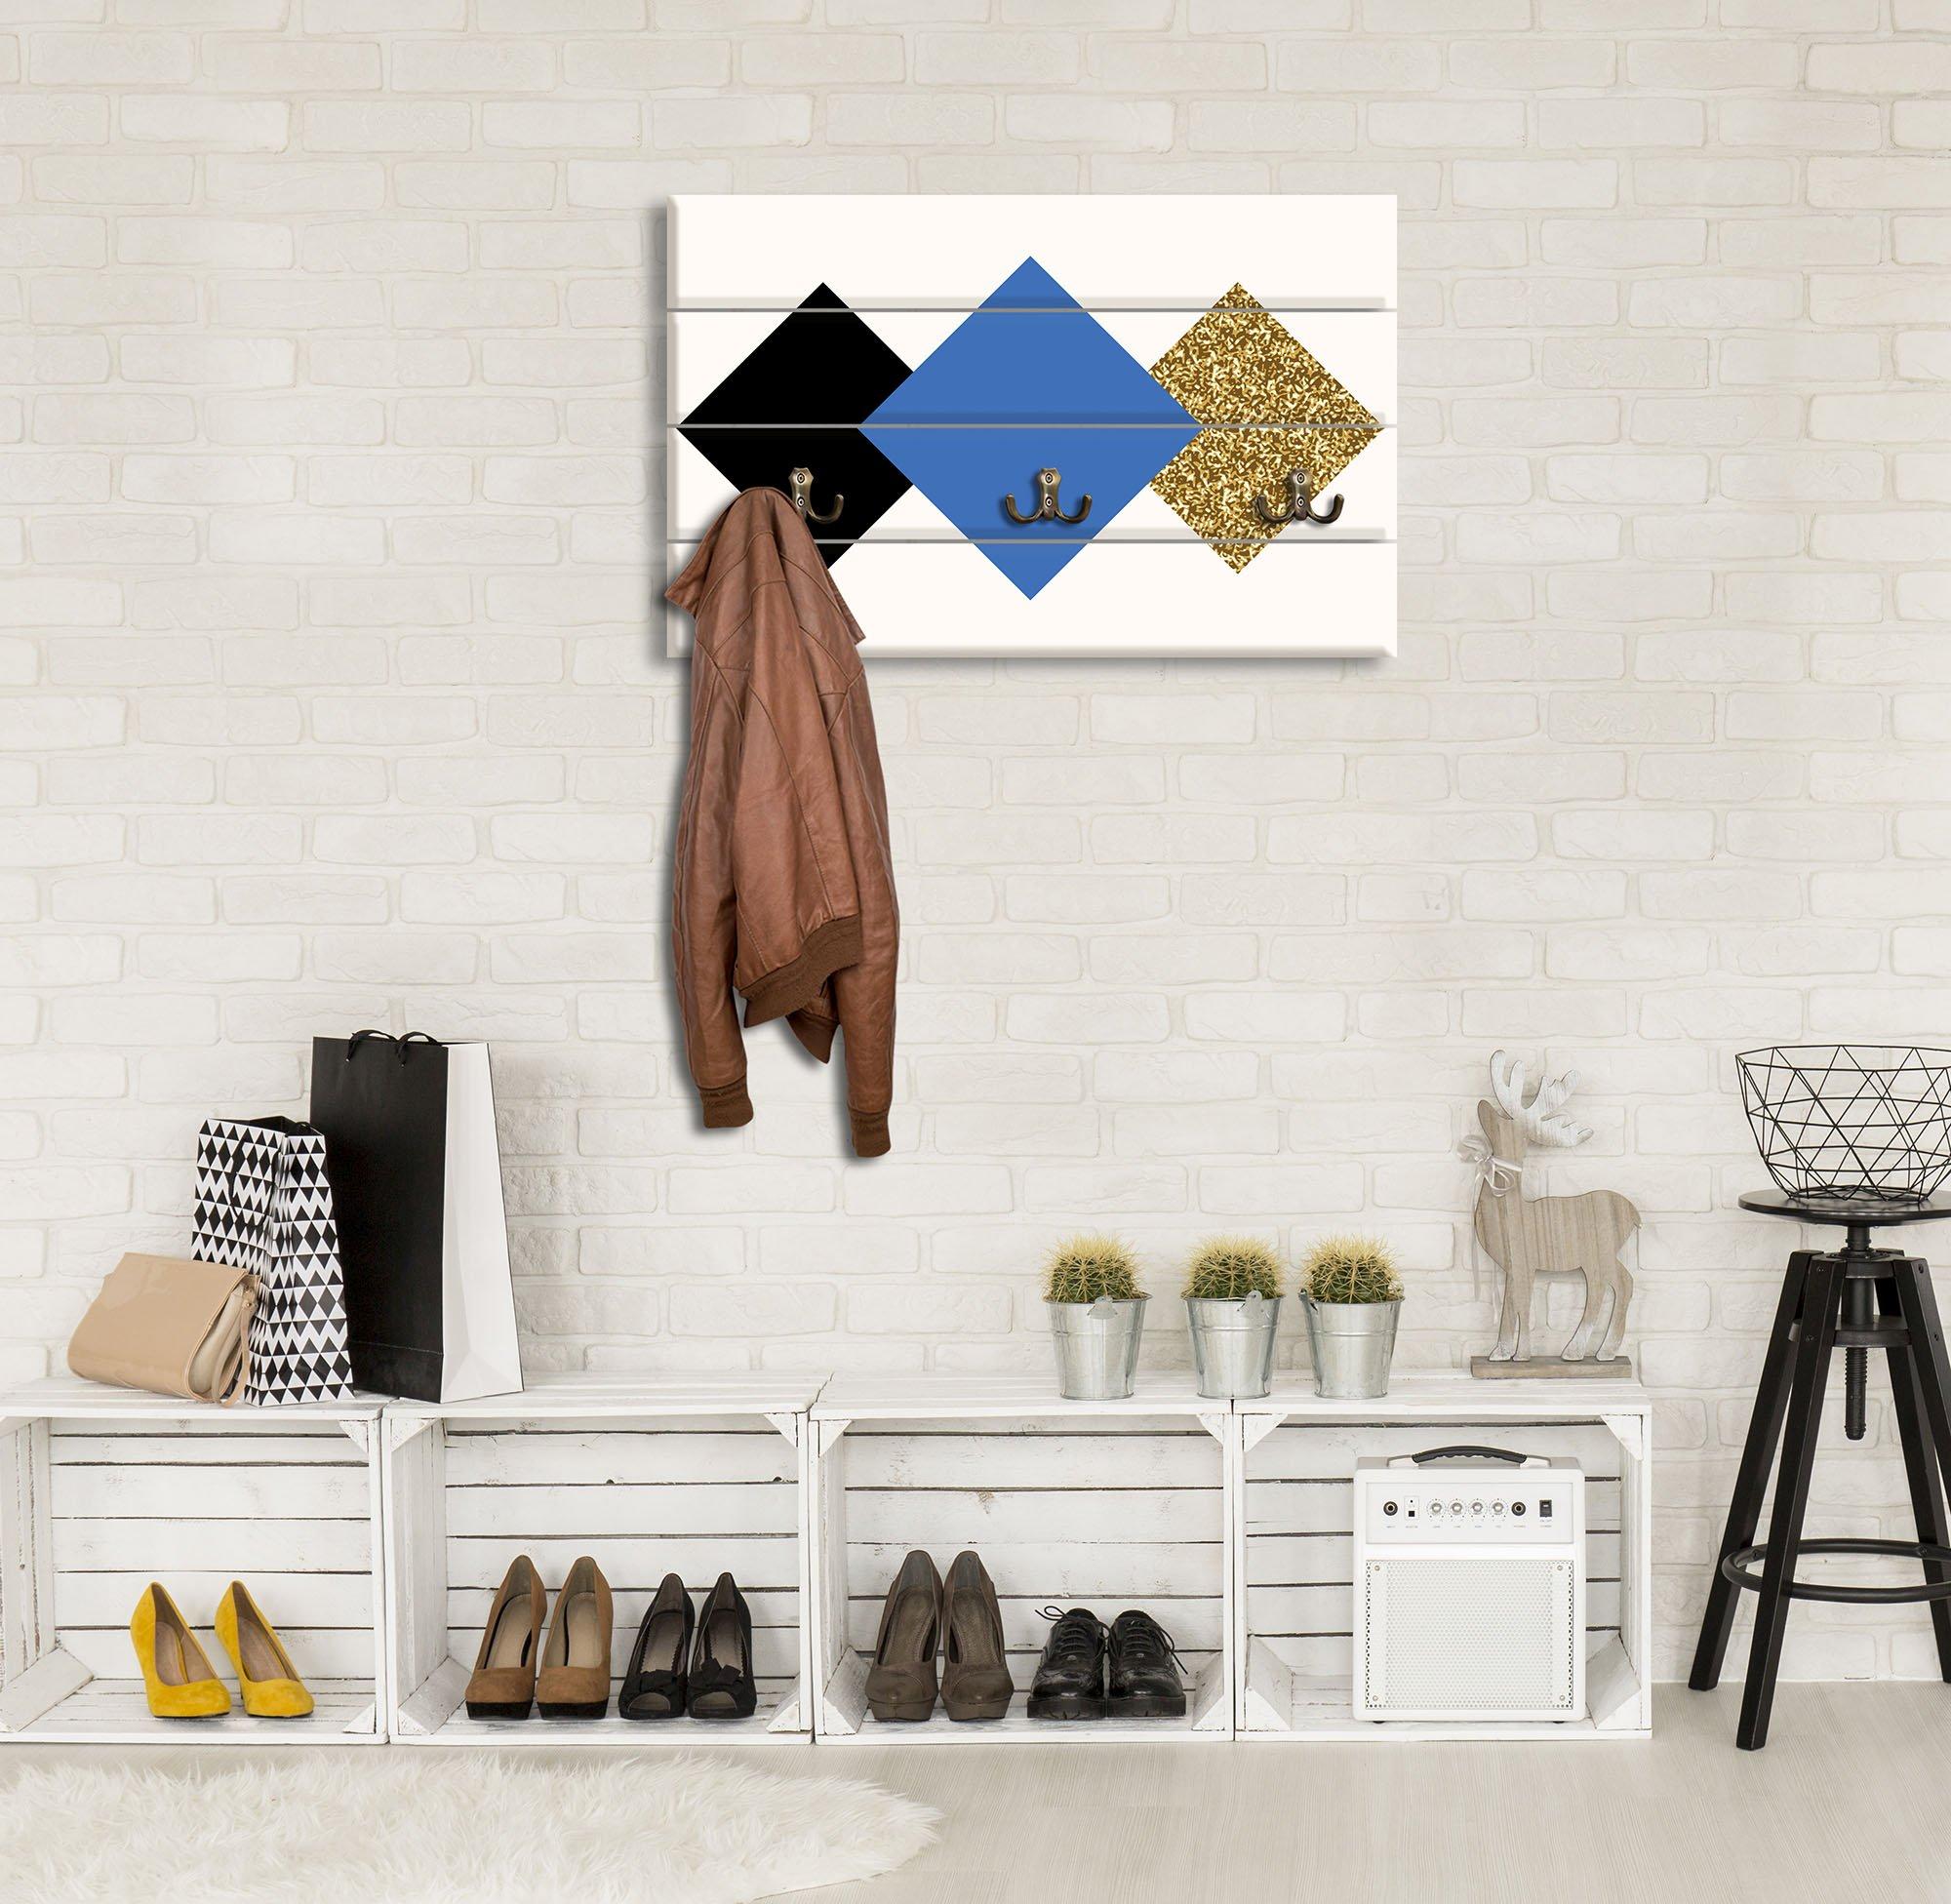 garderobe mit vierecken blau gold weltderbilder. Black Bedroom Furniture Sets. Home Design Ideas